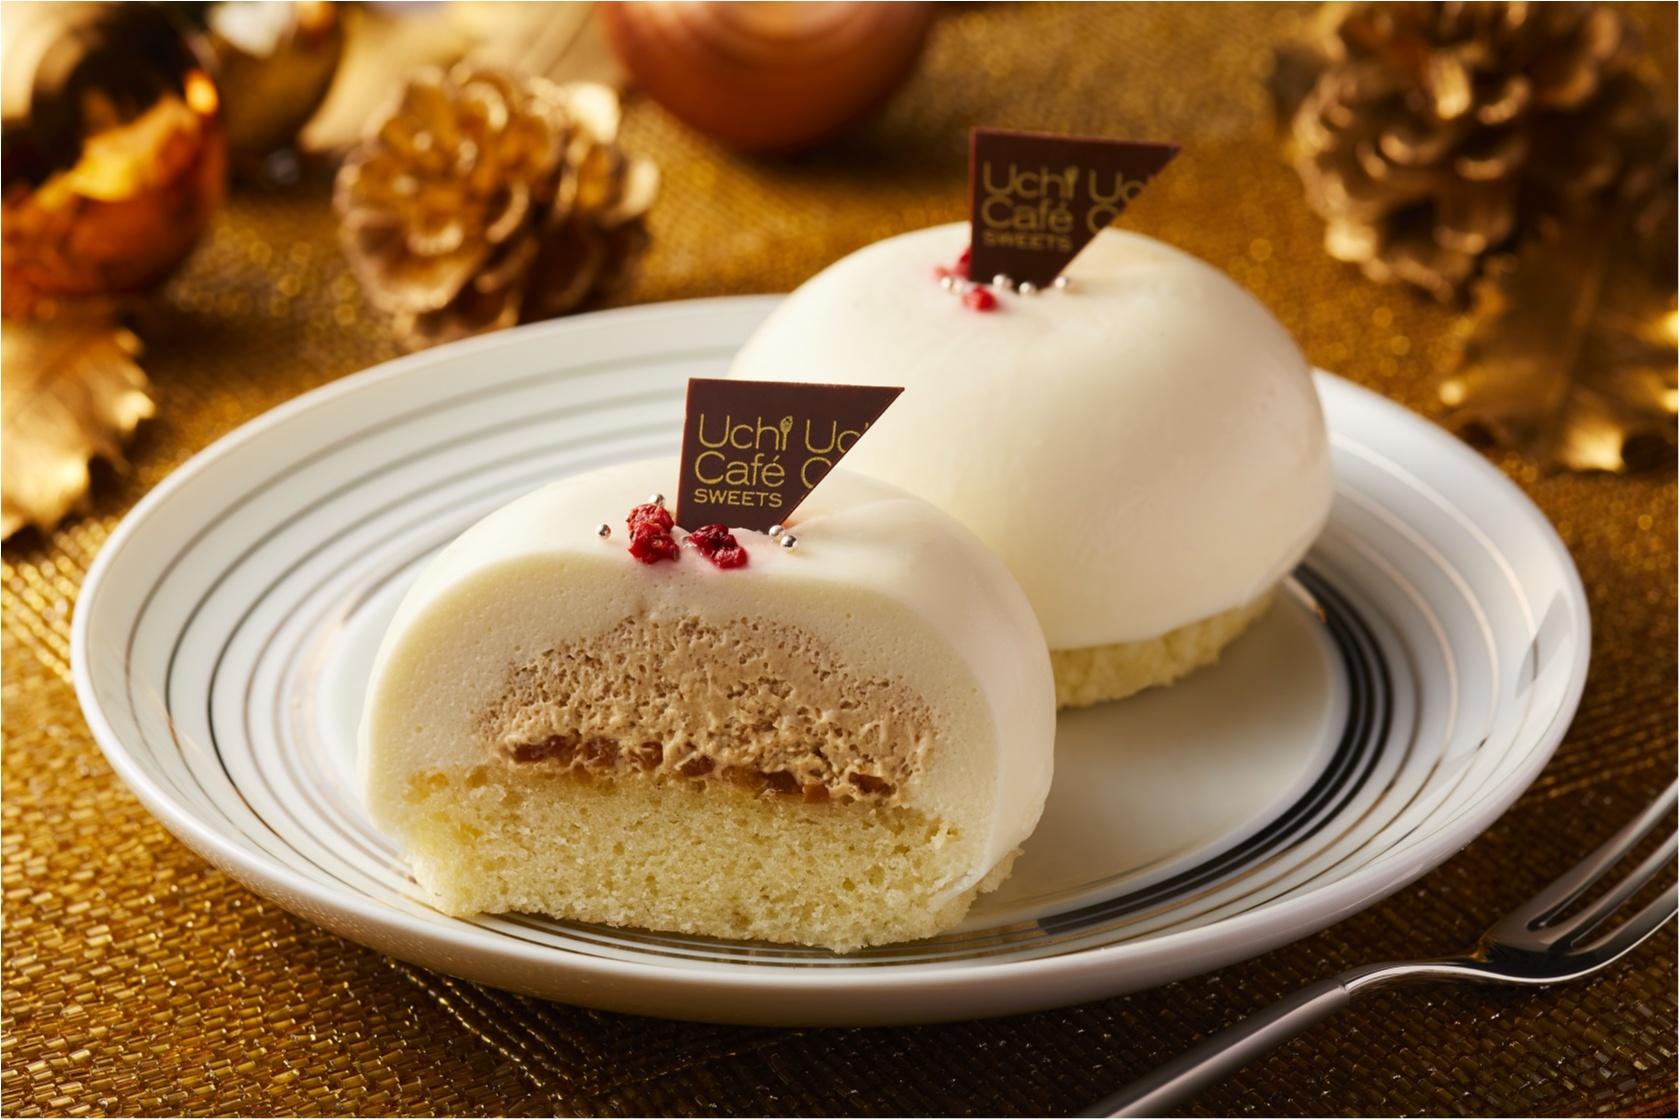 おひとりさまだってクリスマスを楽しみたい! 『ローソン』のミニサイズケーキを買って帰ろ♬_1